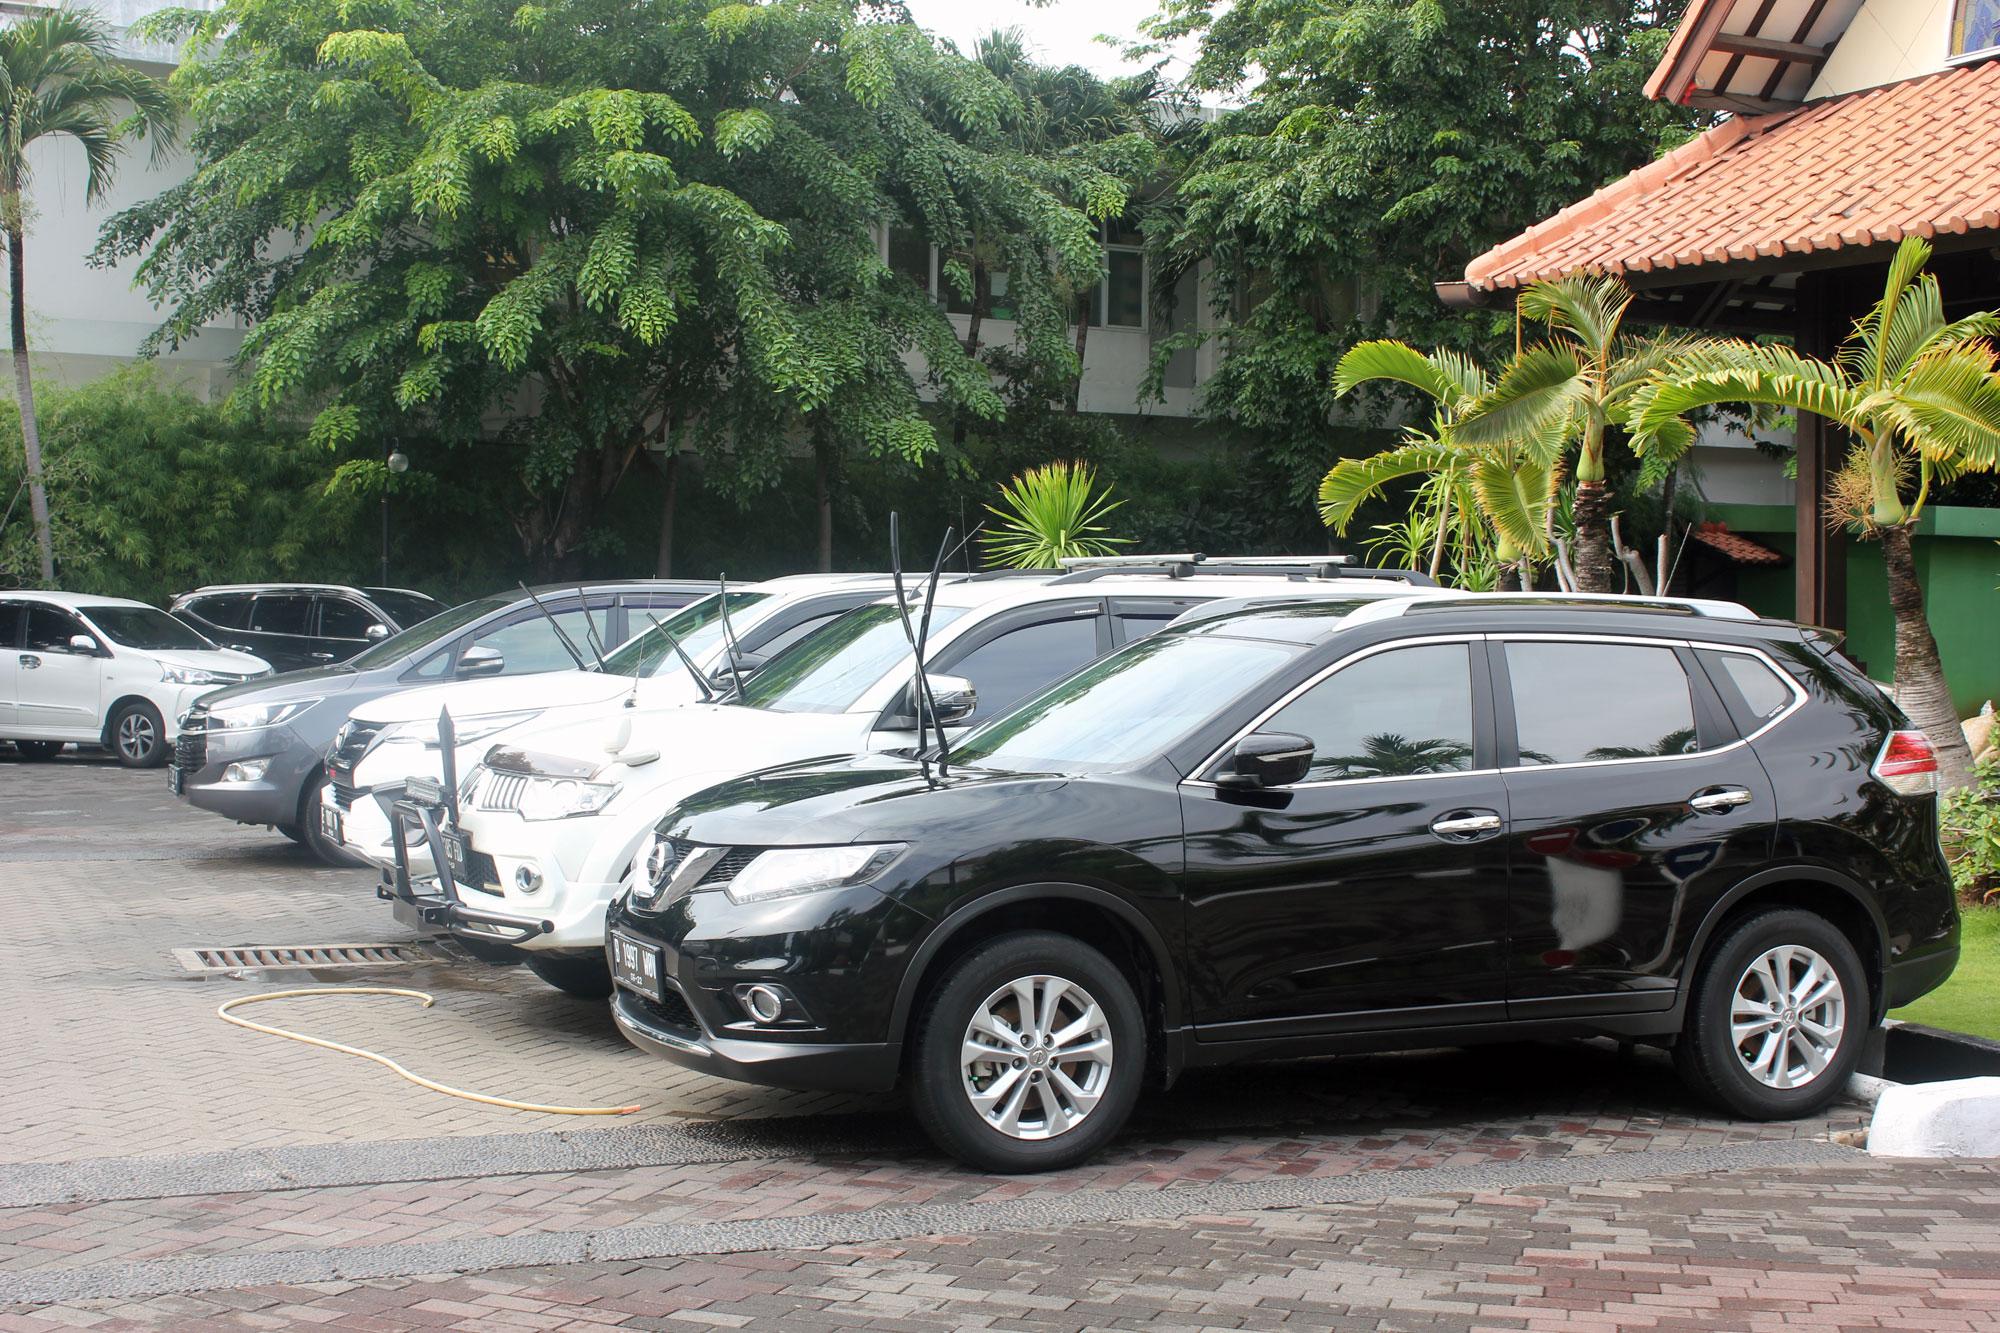 Berbagai Mobil Tersedia di Jasa Rental Mobil Cirebon